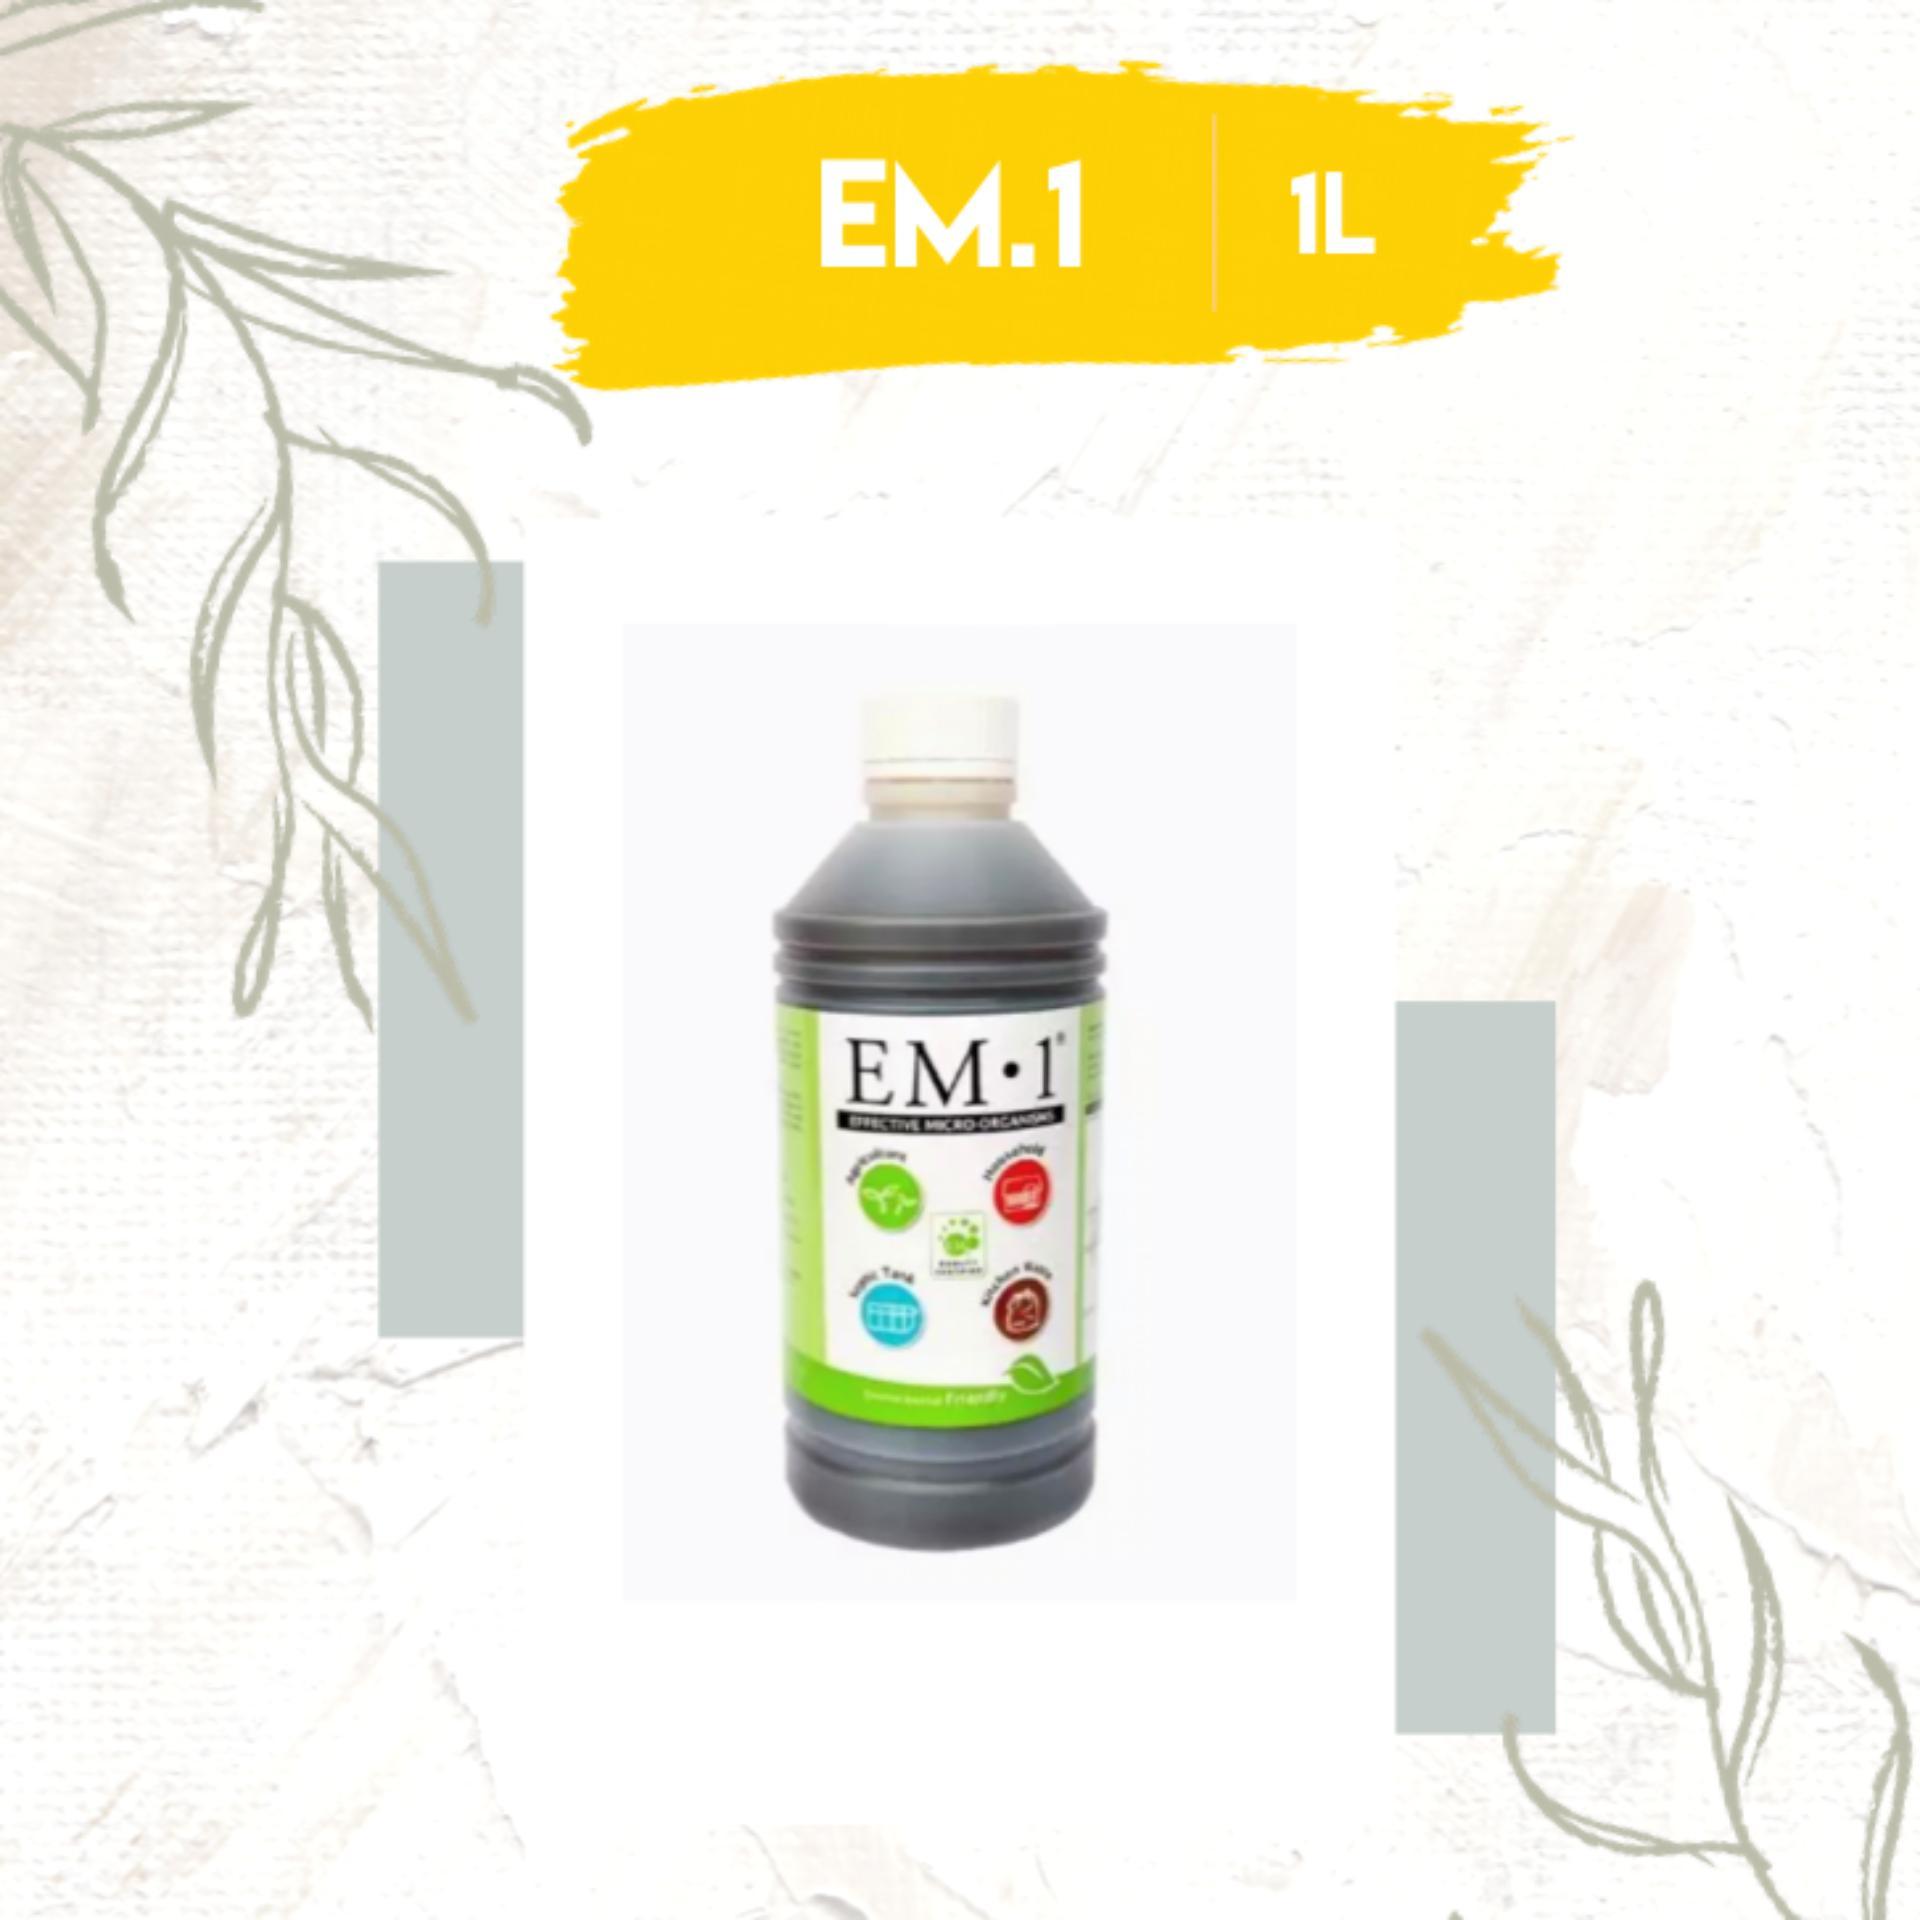 EMRO EM.1 1-Litre